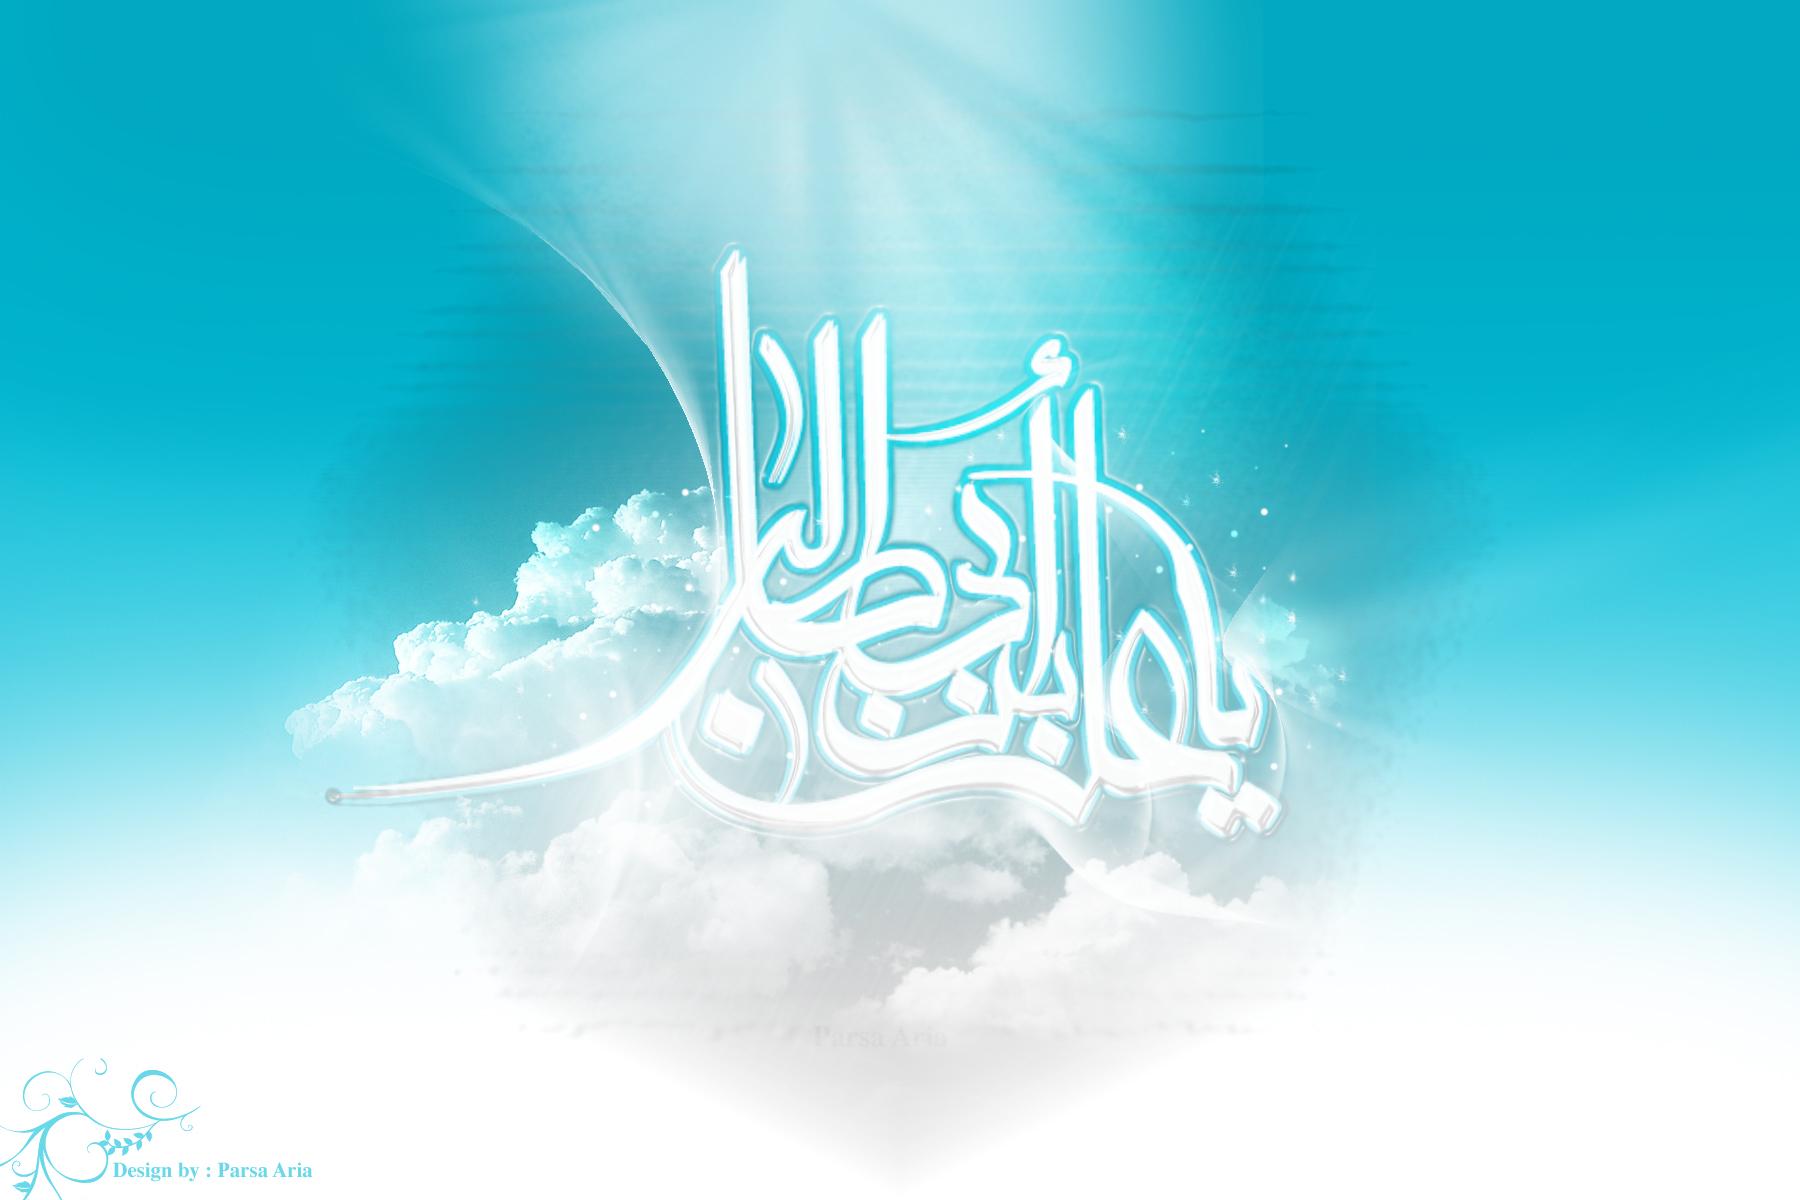 متن روی کادو صفحه اصلي - گالري تصاویر - عيد غدير مبارك